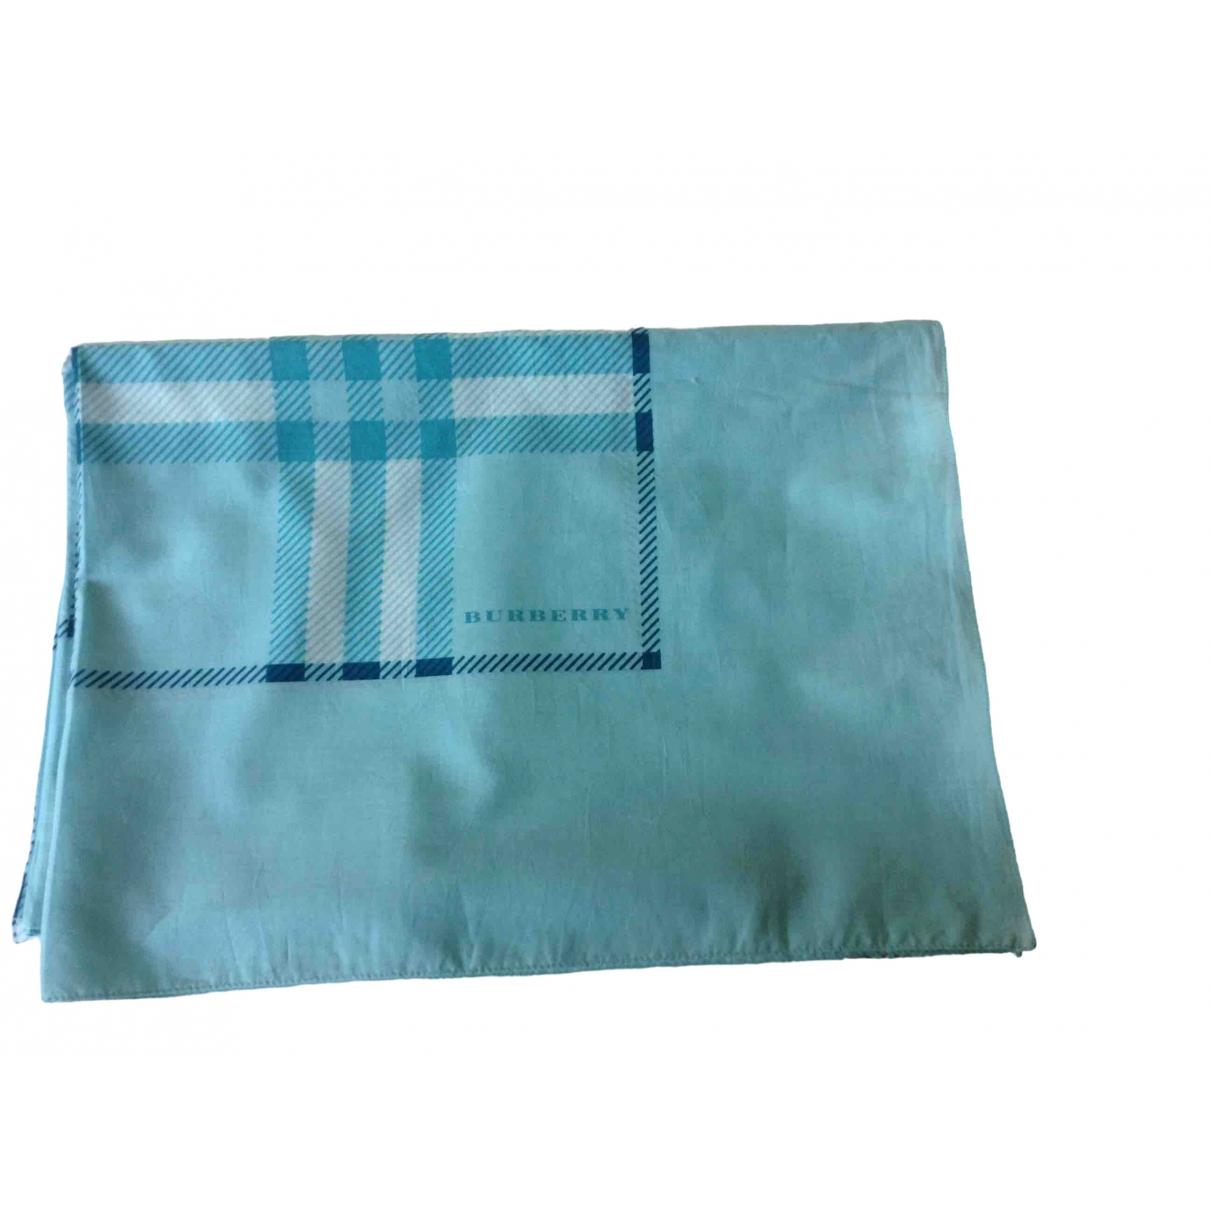 Burberry - Foulard   pour femme en coton - bleu